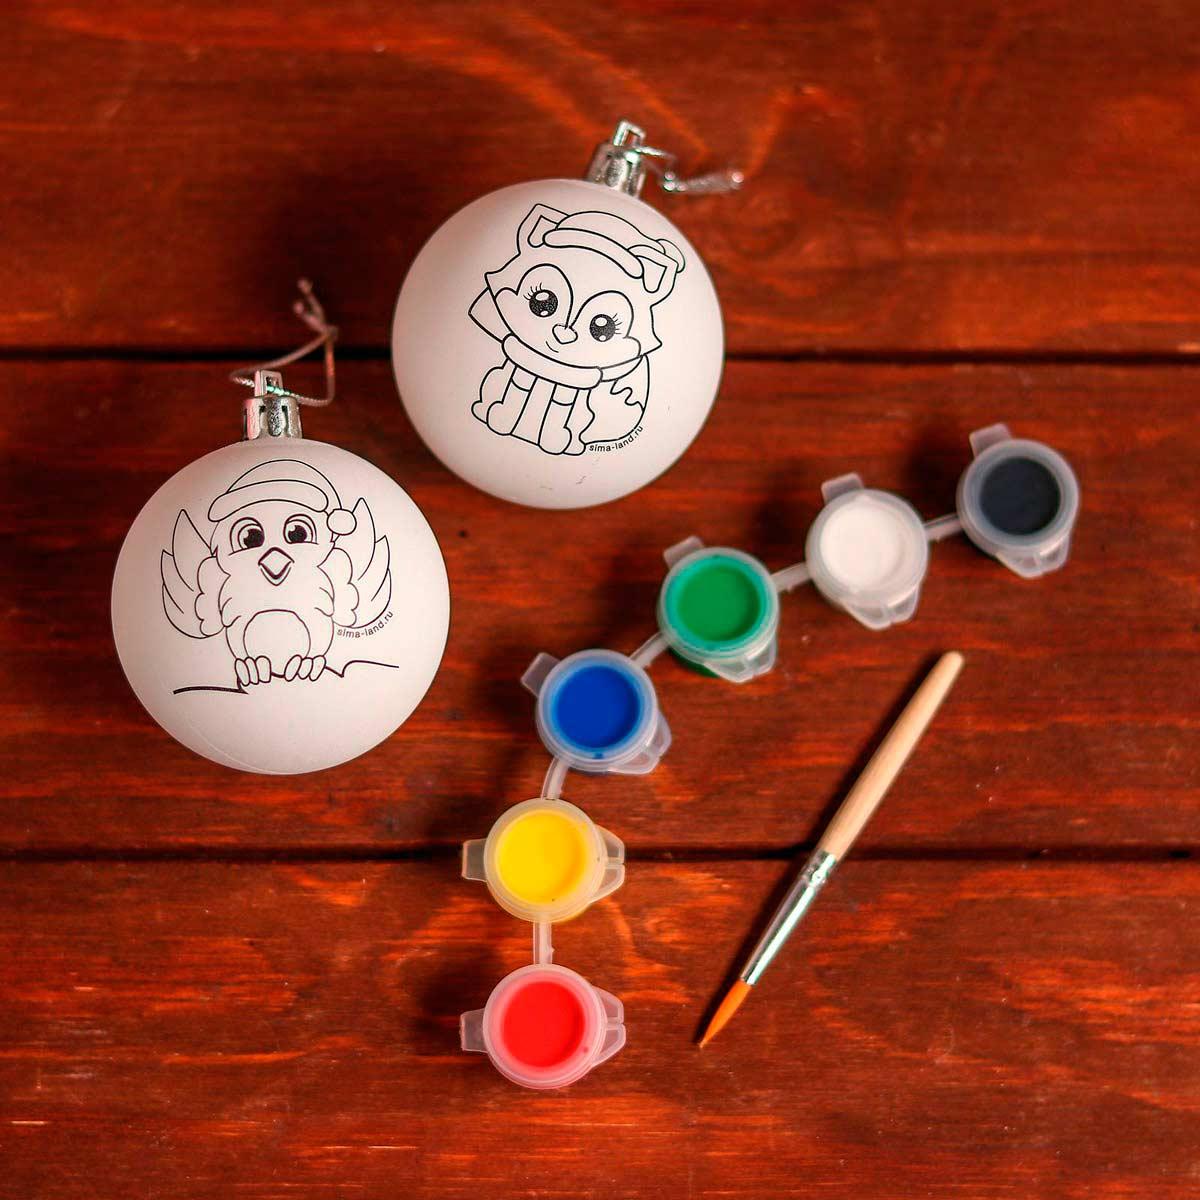 5066035 Набор для творчества 'Елочные шары под раскраску 'Новогодняя сказка' + краски, набор 2 шт